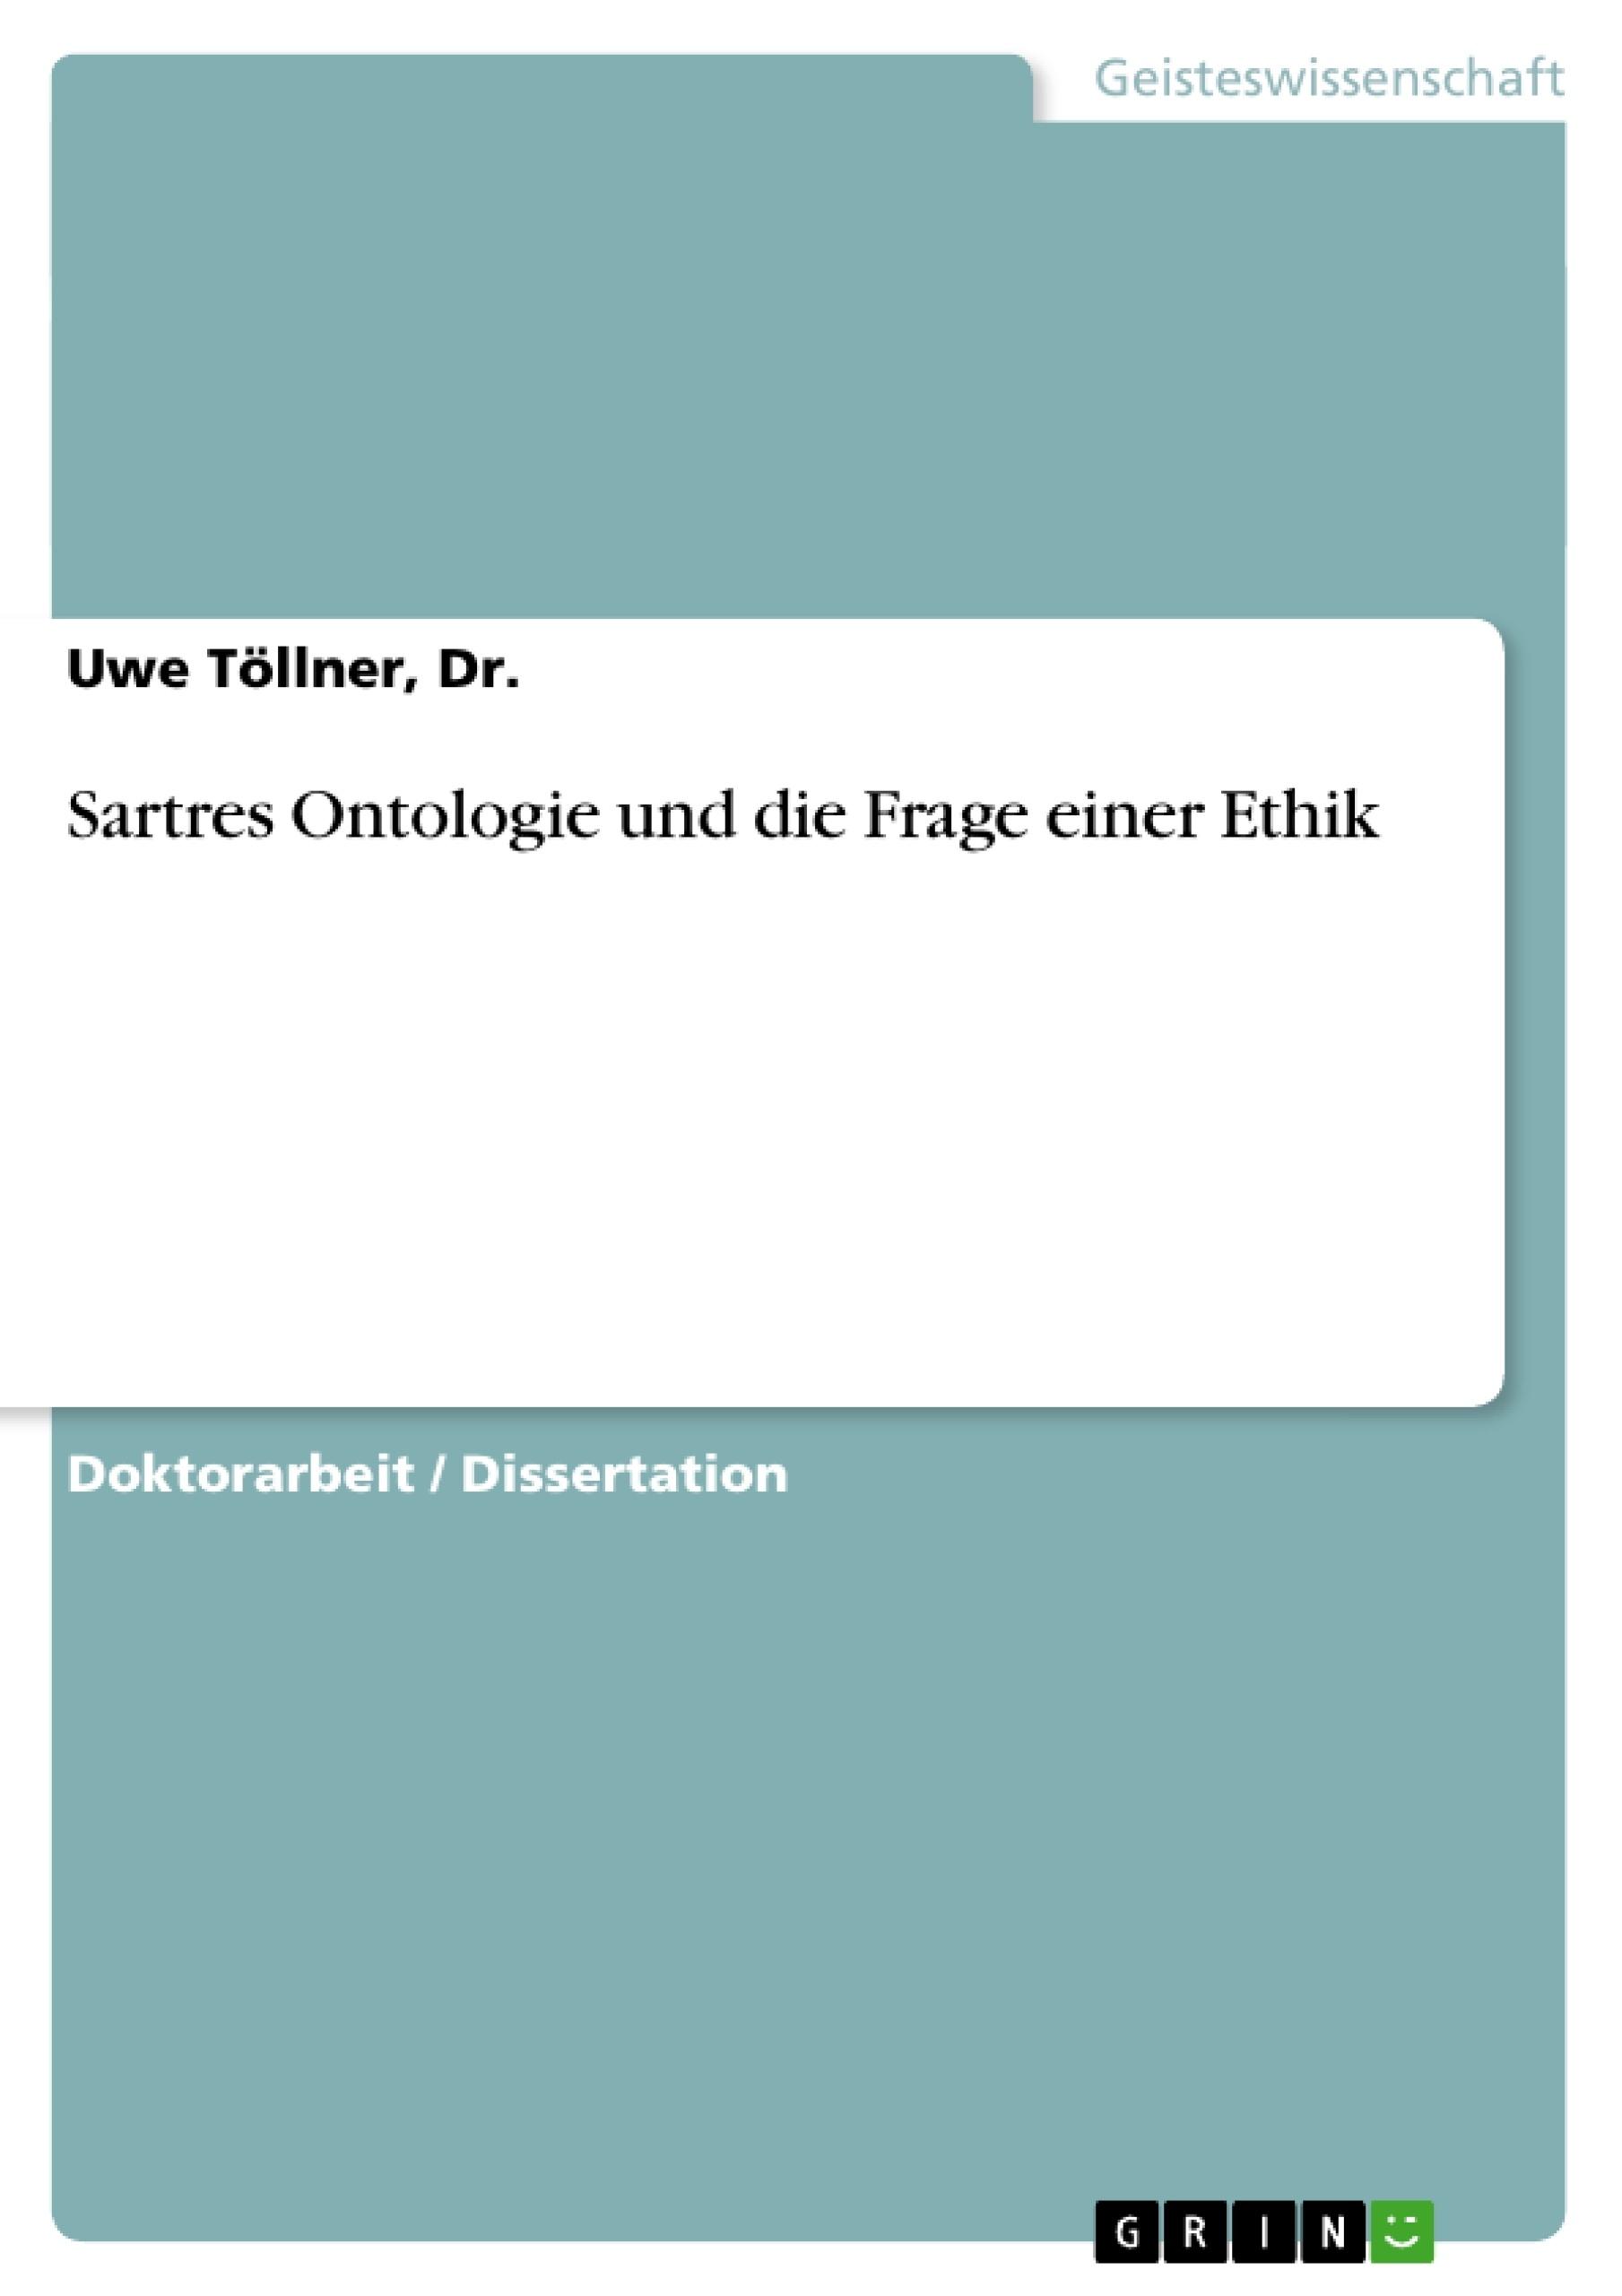 Titel: Sartres Ontologie und die Frage einer Ethik